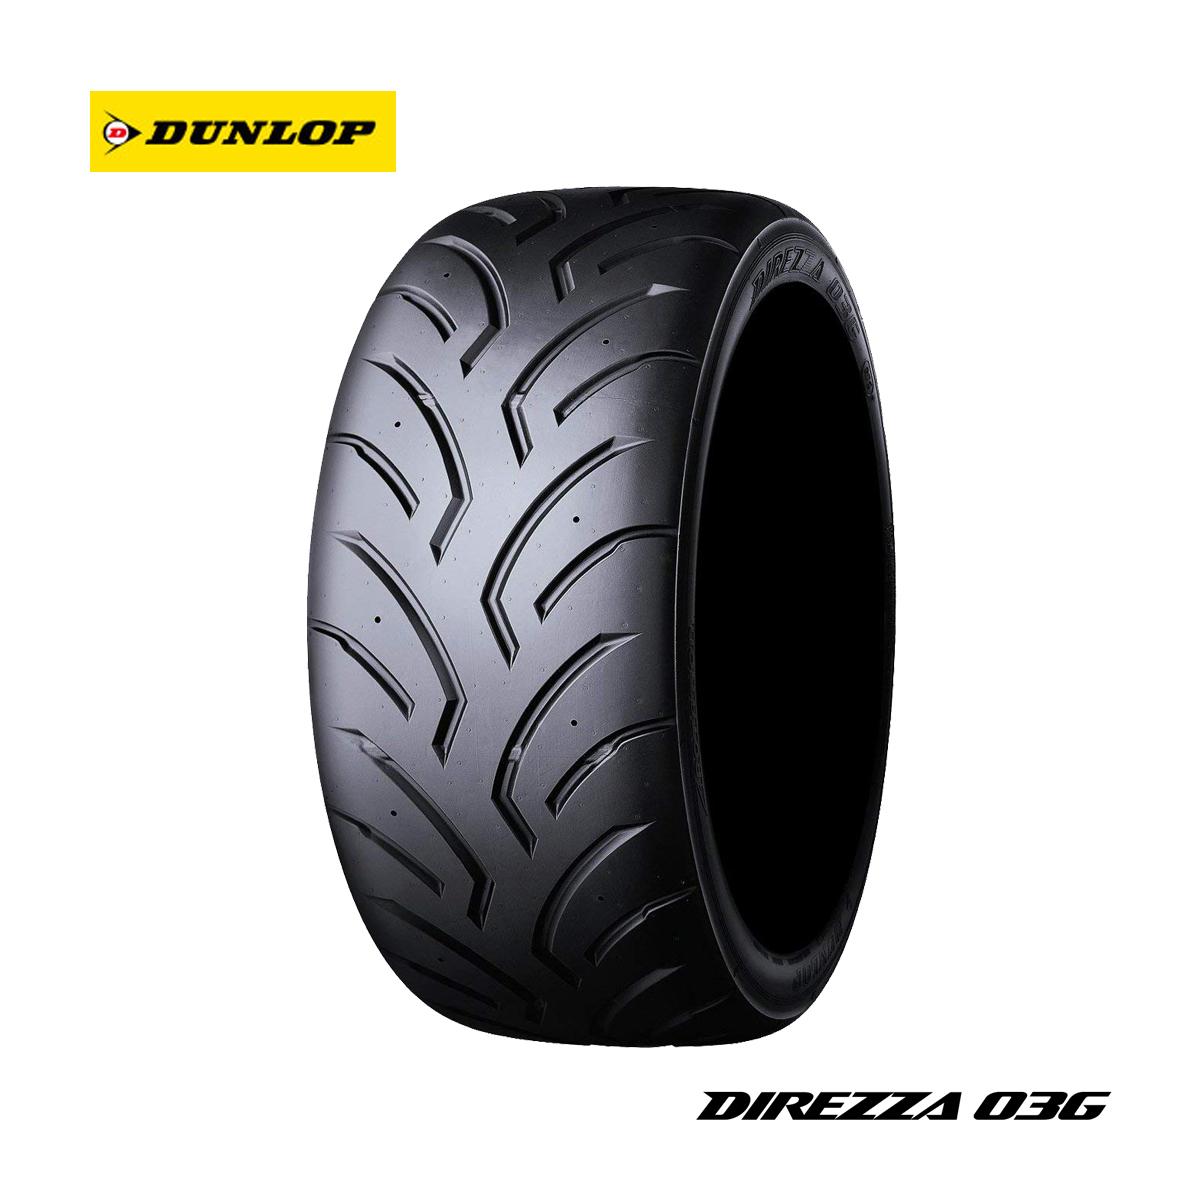 DUNLOP ダンロップ Sタイヤ ハイグリップ モータースポーツ 4本 セット 18インチ 265/35R18 DIREZZA ディレッツァ 03G コンパウンド R2